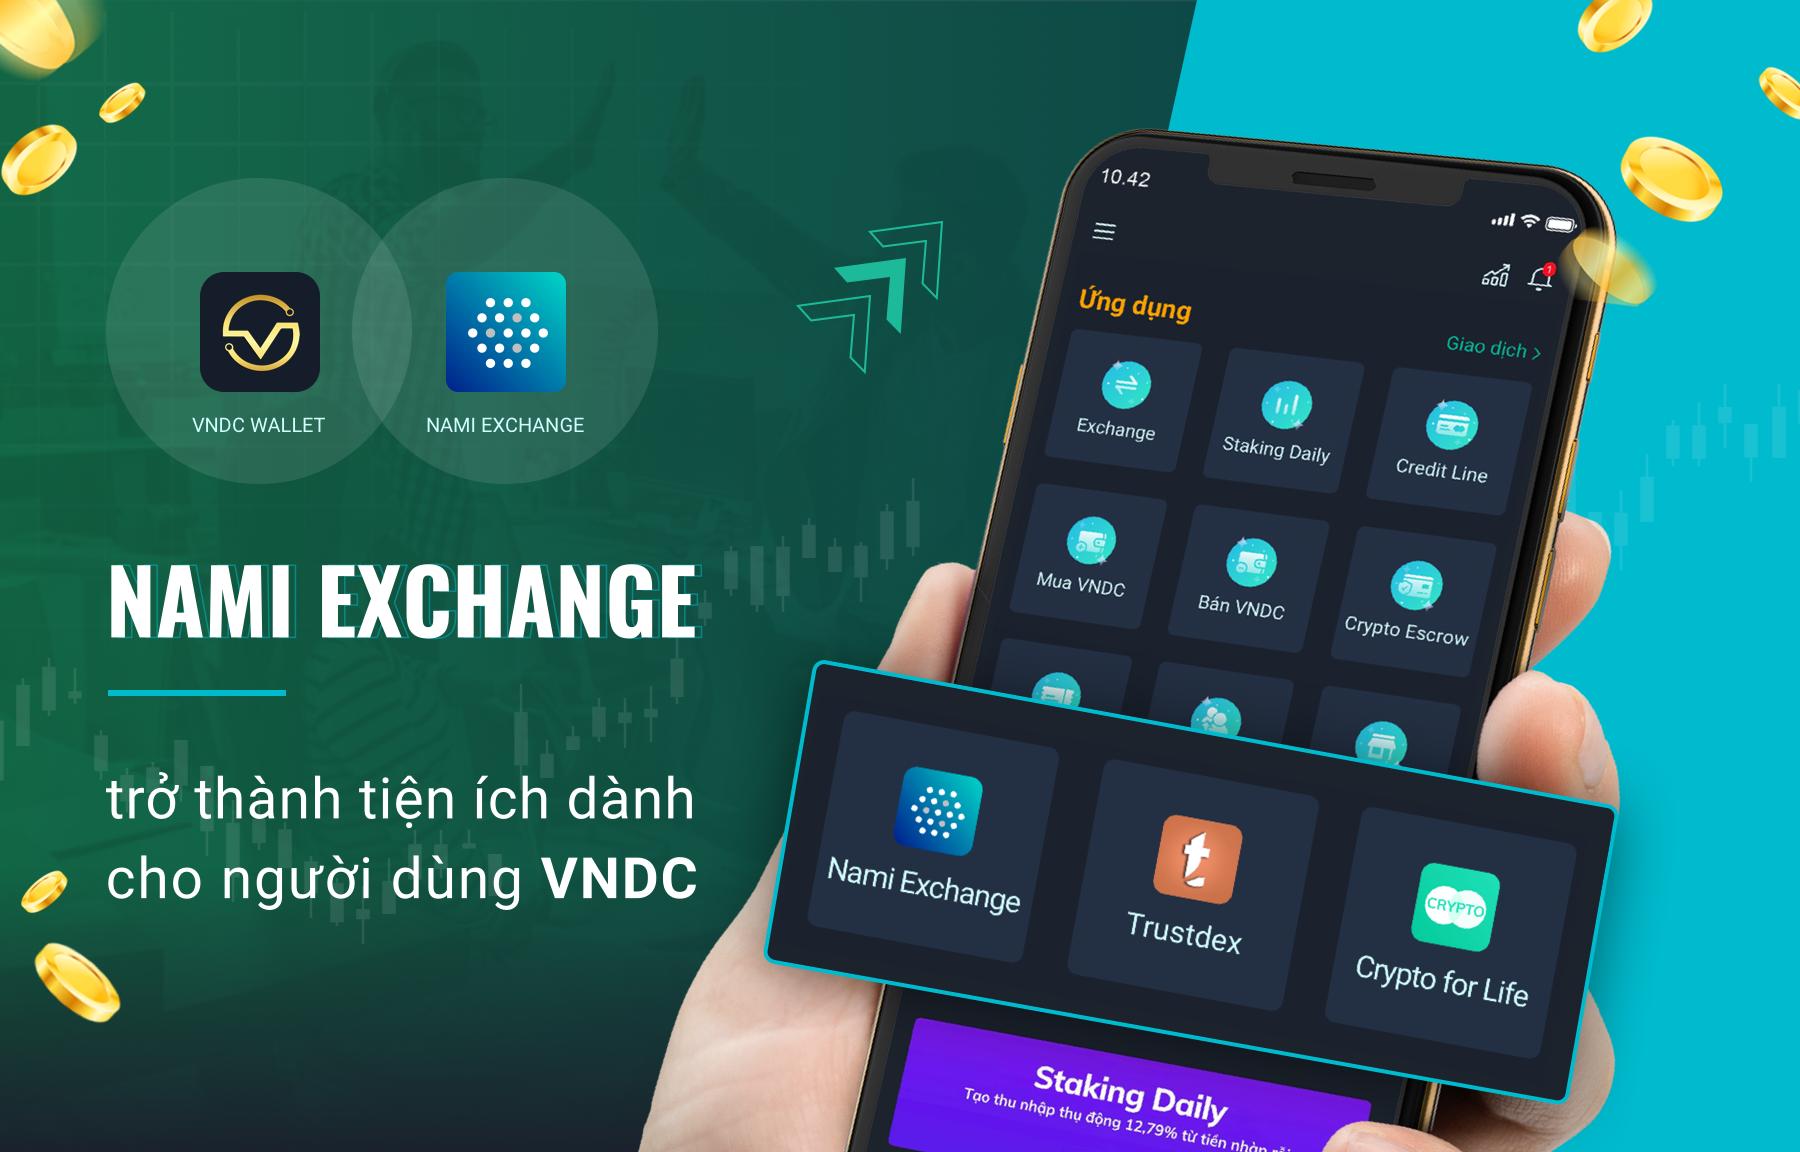 Nami Exchange trở thành tiện ích đầu tiên dành cho người dùng VNDC